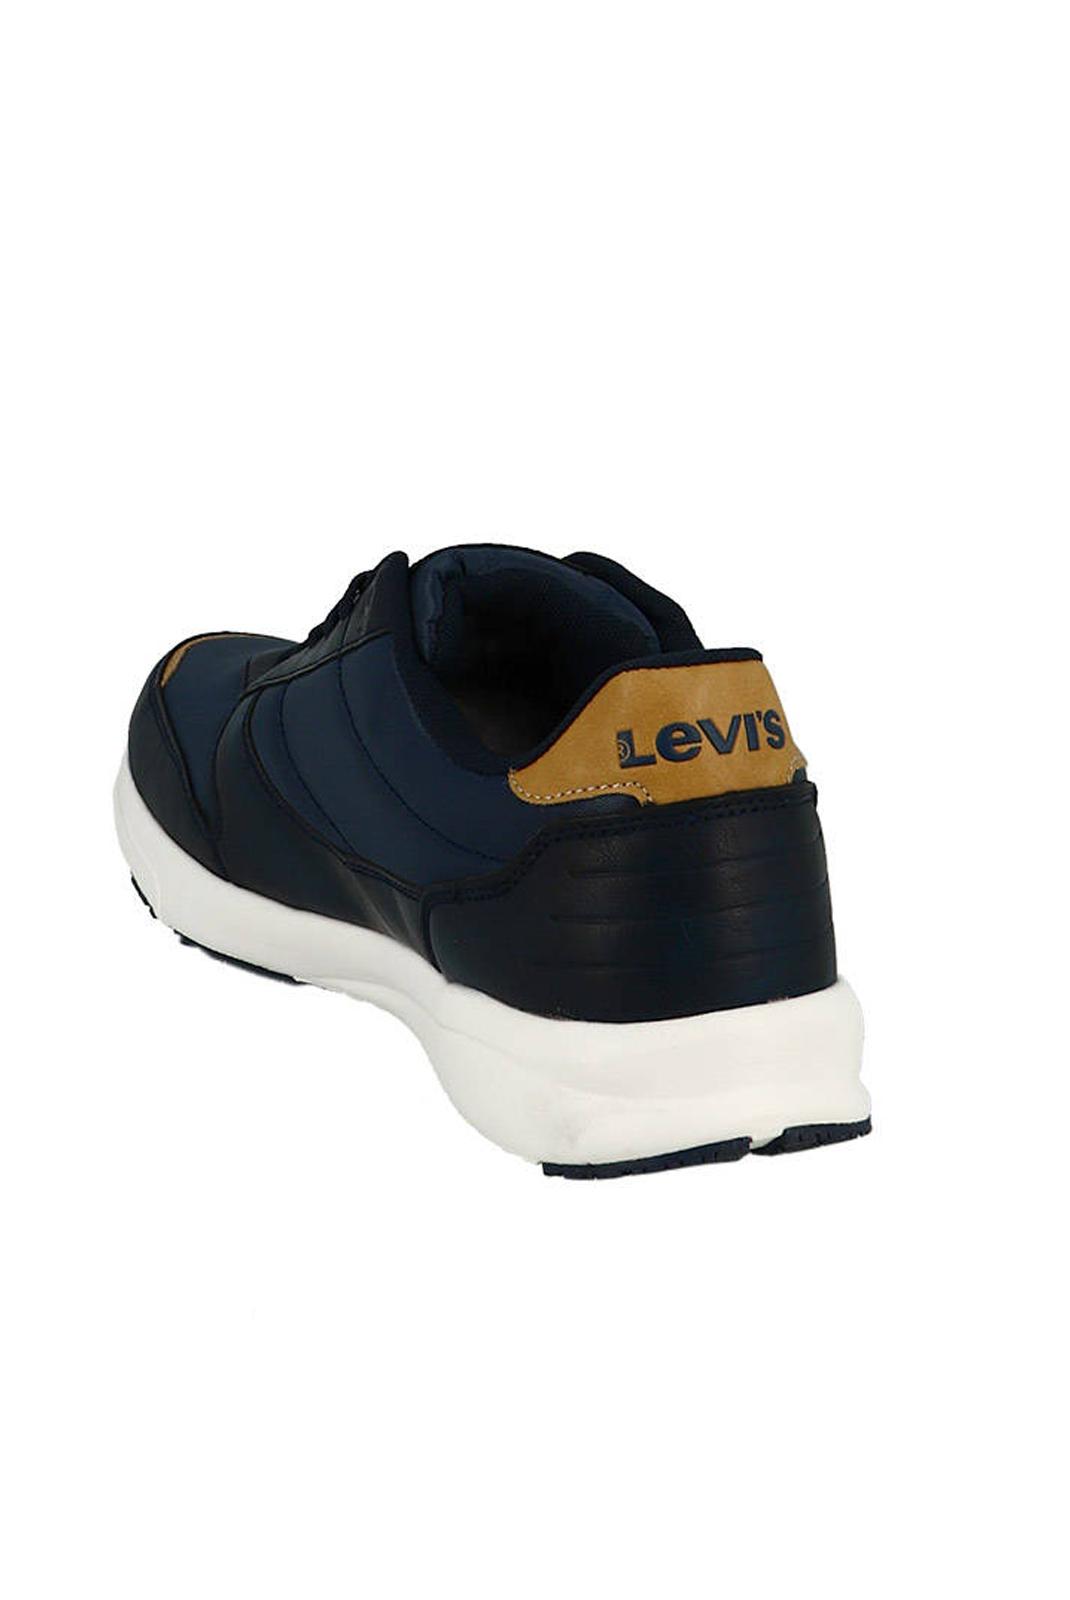 Chaussures de ville  Levi's BAYLOR 2 231541 EU 1920 17 NAVY BLUE